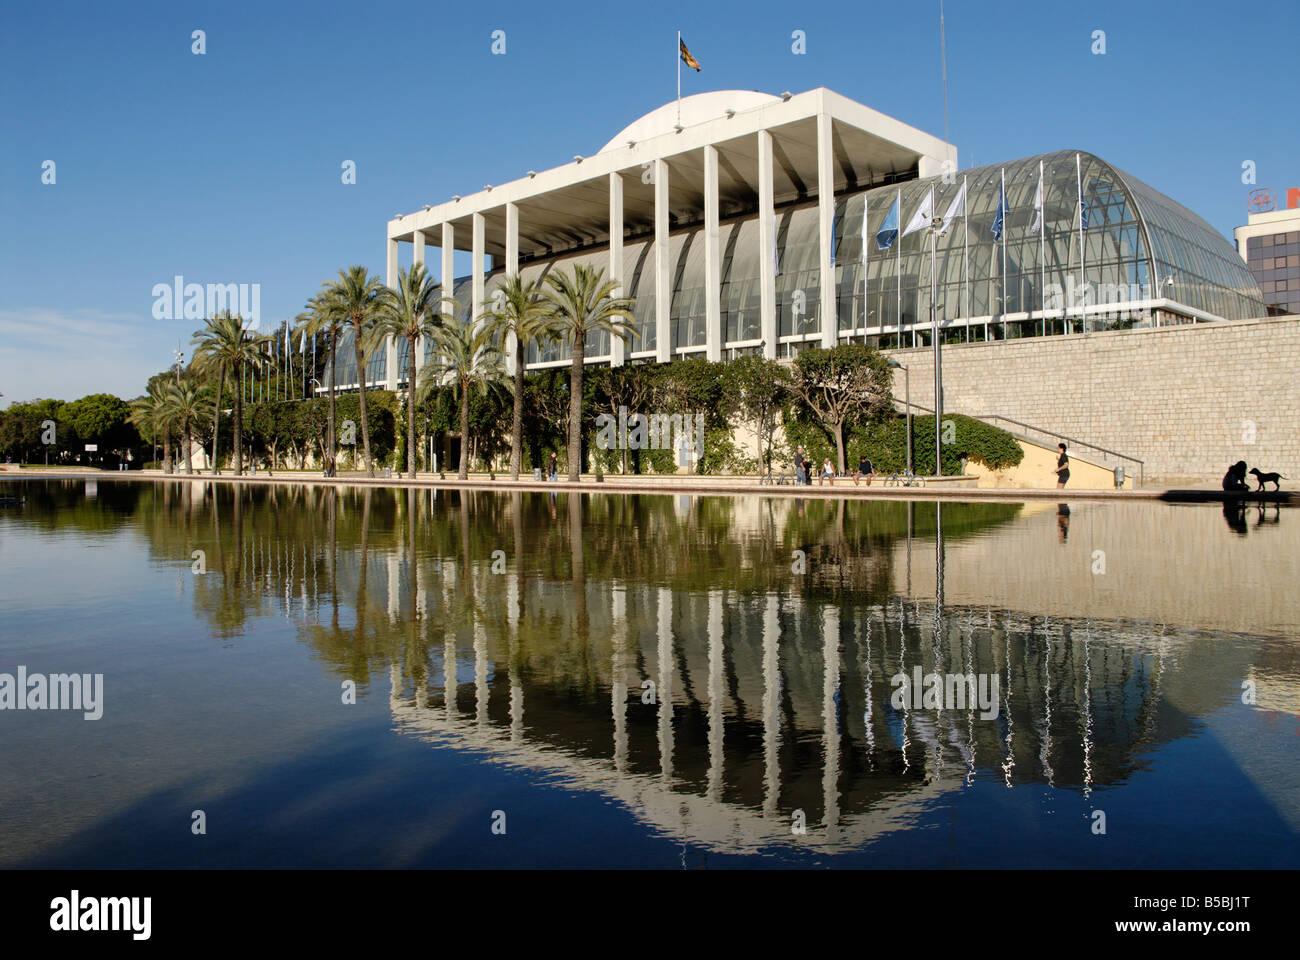 Palau de la música, Valencia, España, Europa Imagen De Stock